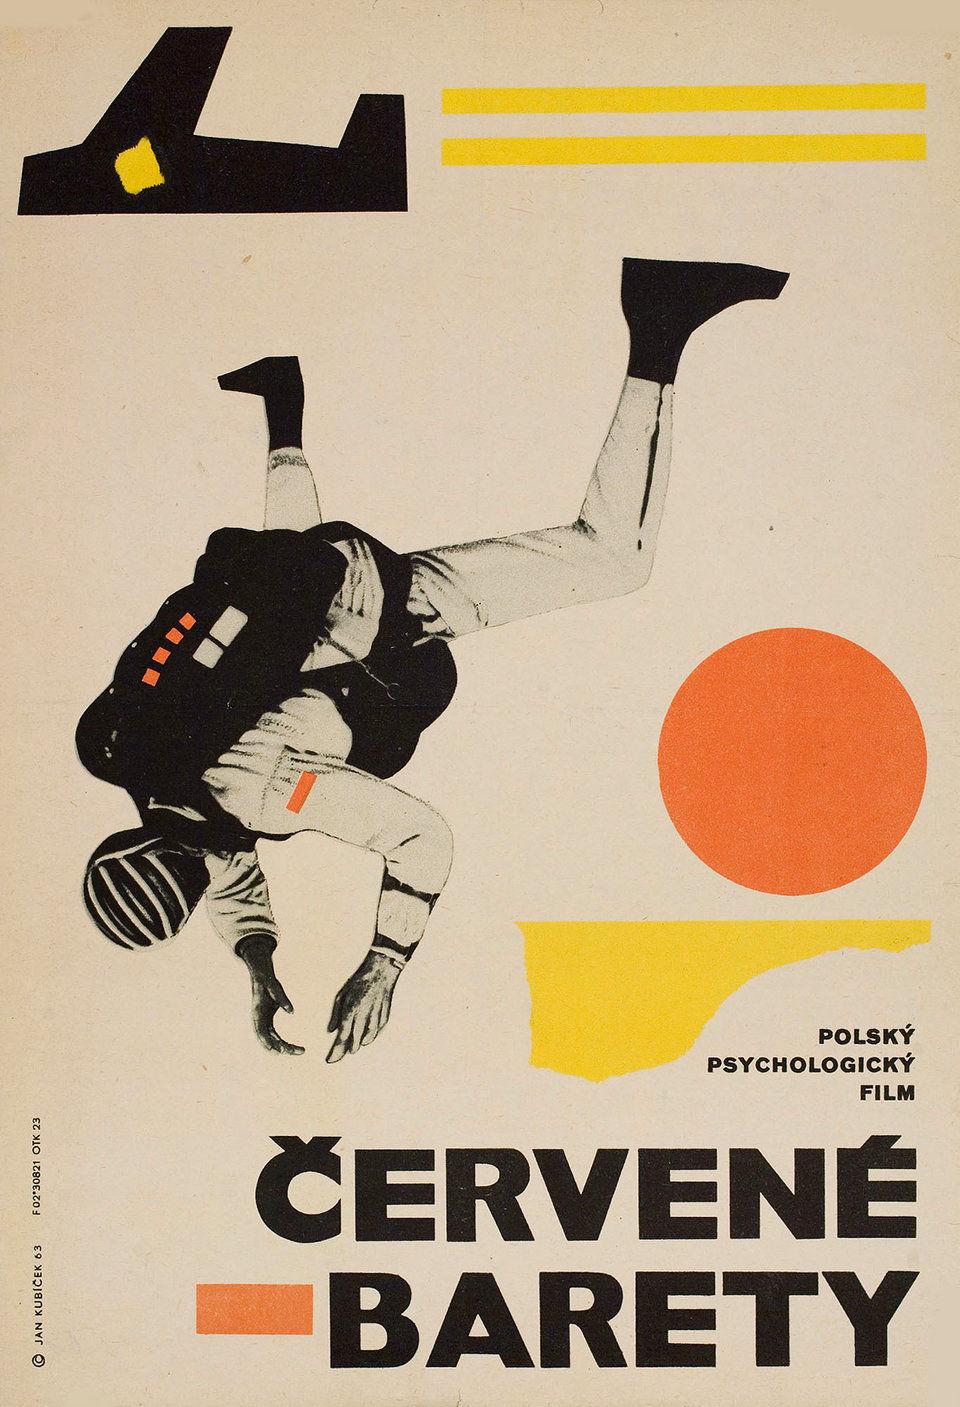 red-berets-1963-original-czech-movie-poster